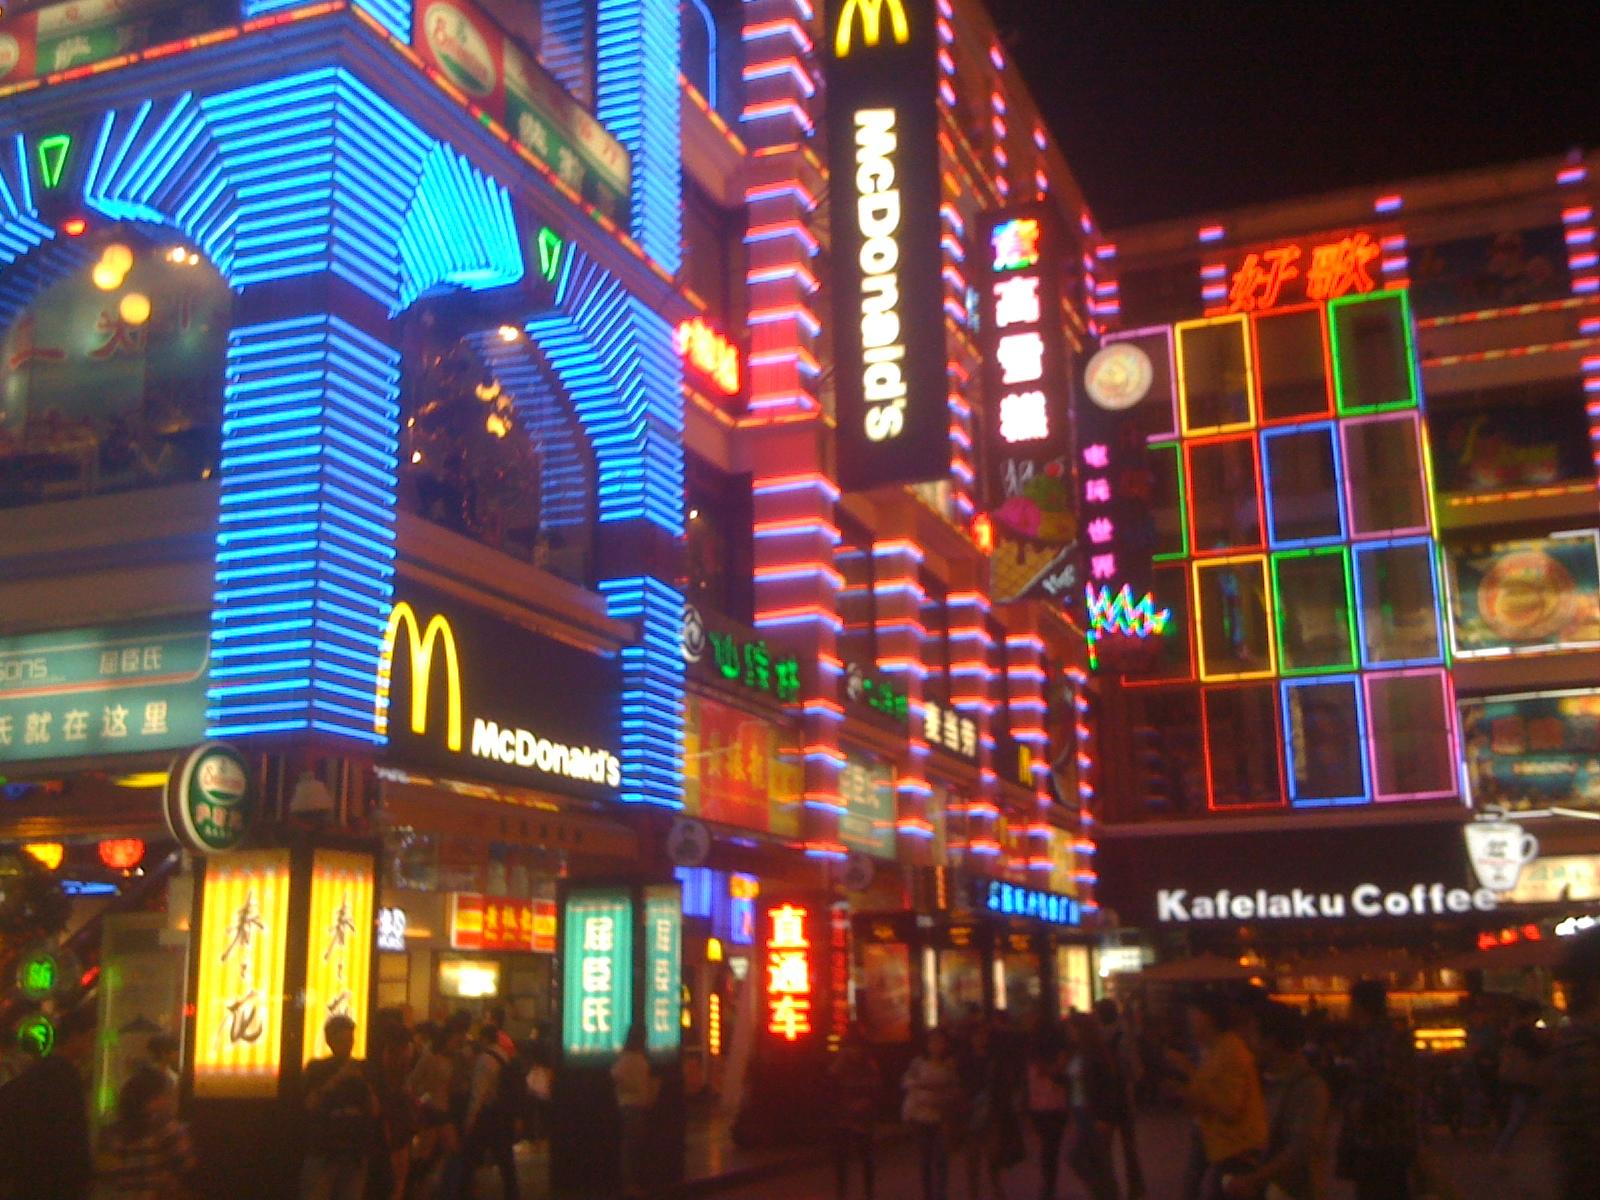 広州の買物街・状元坊と上下九歩行街